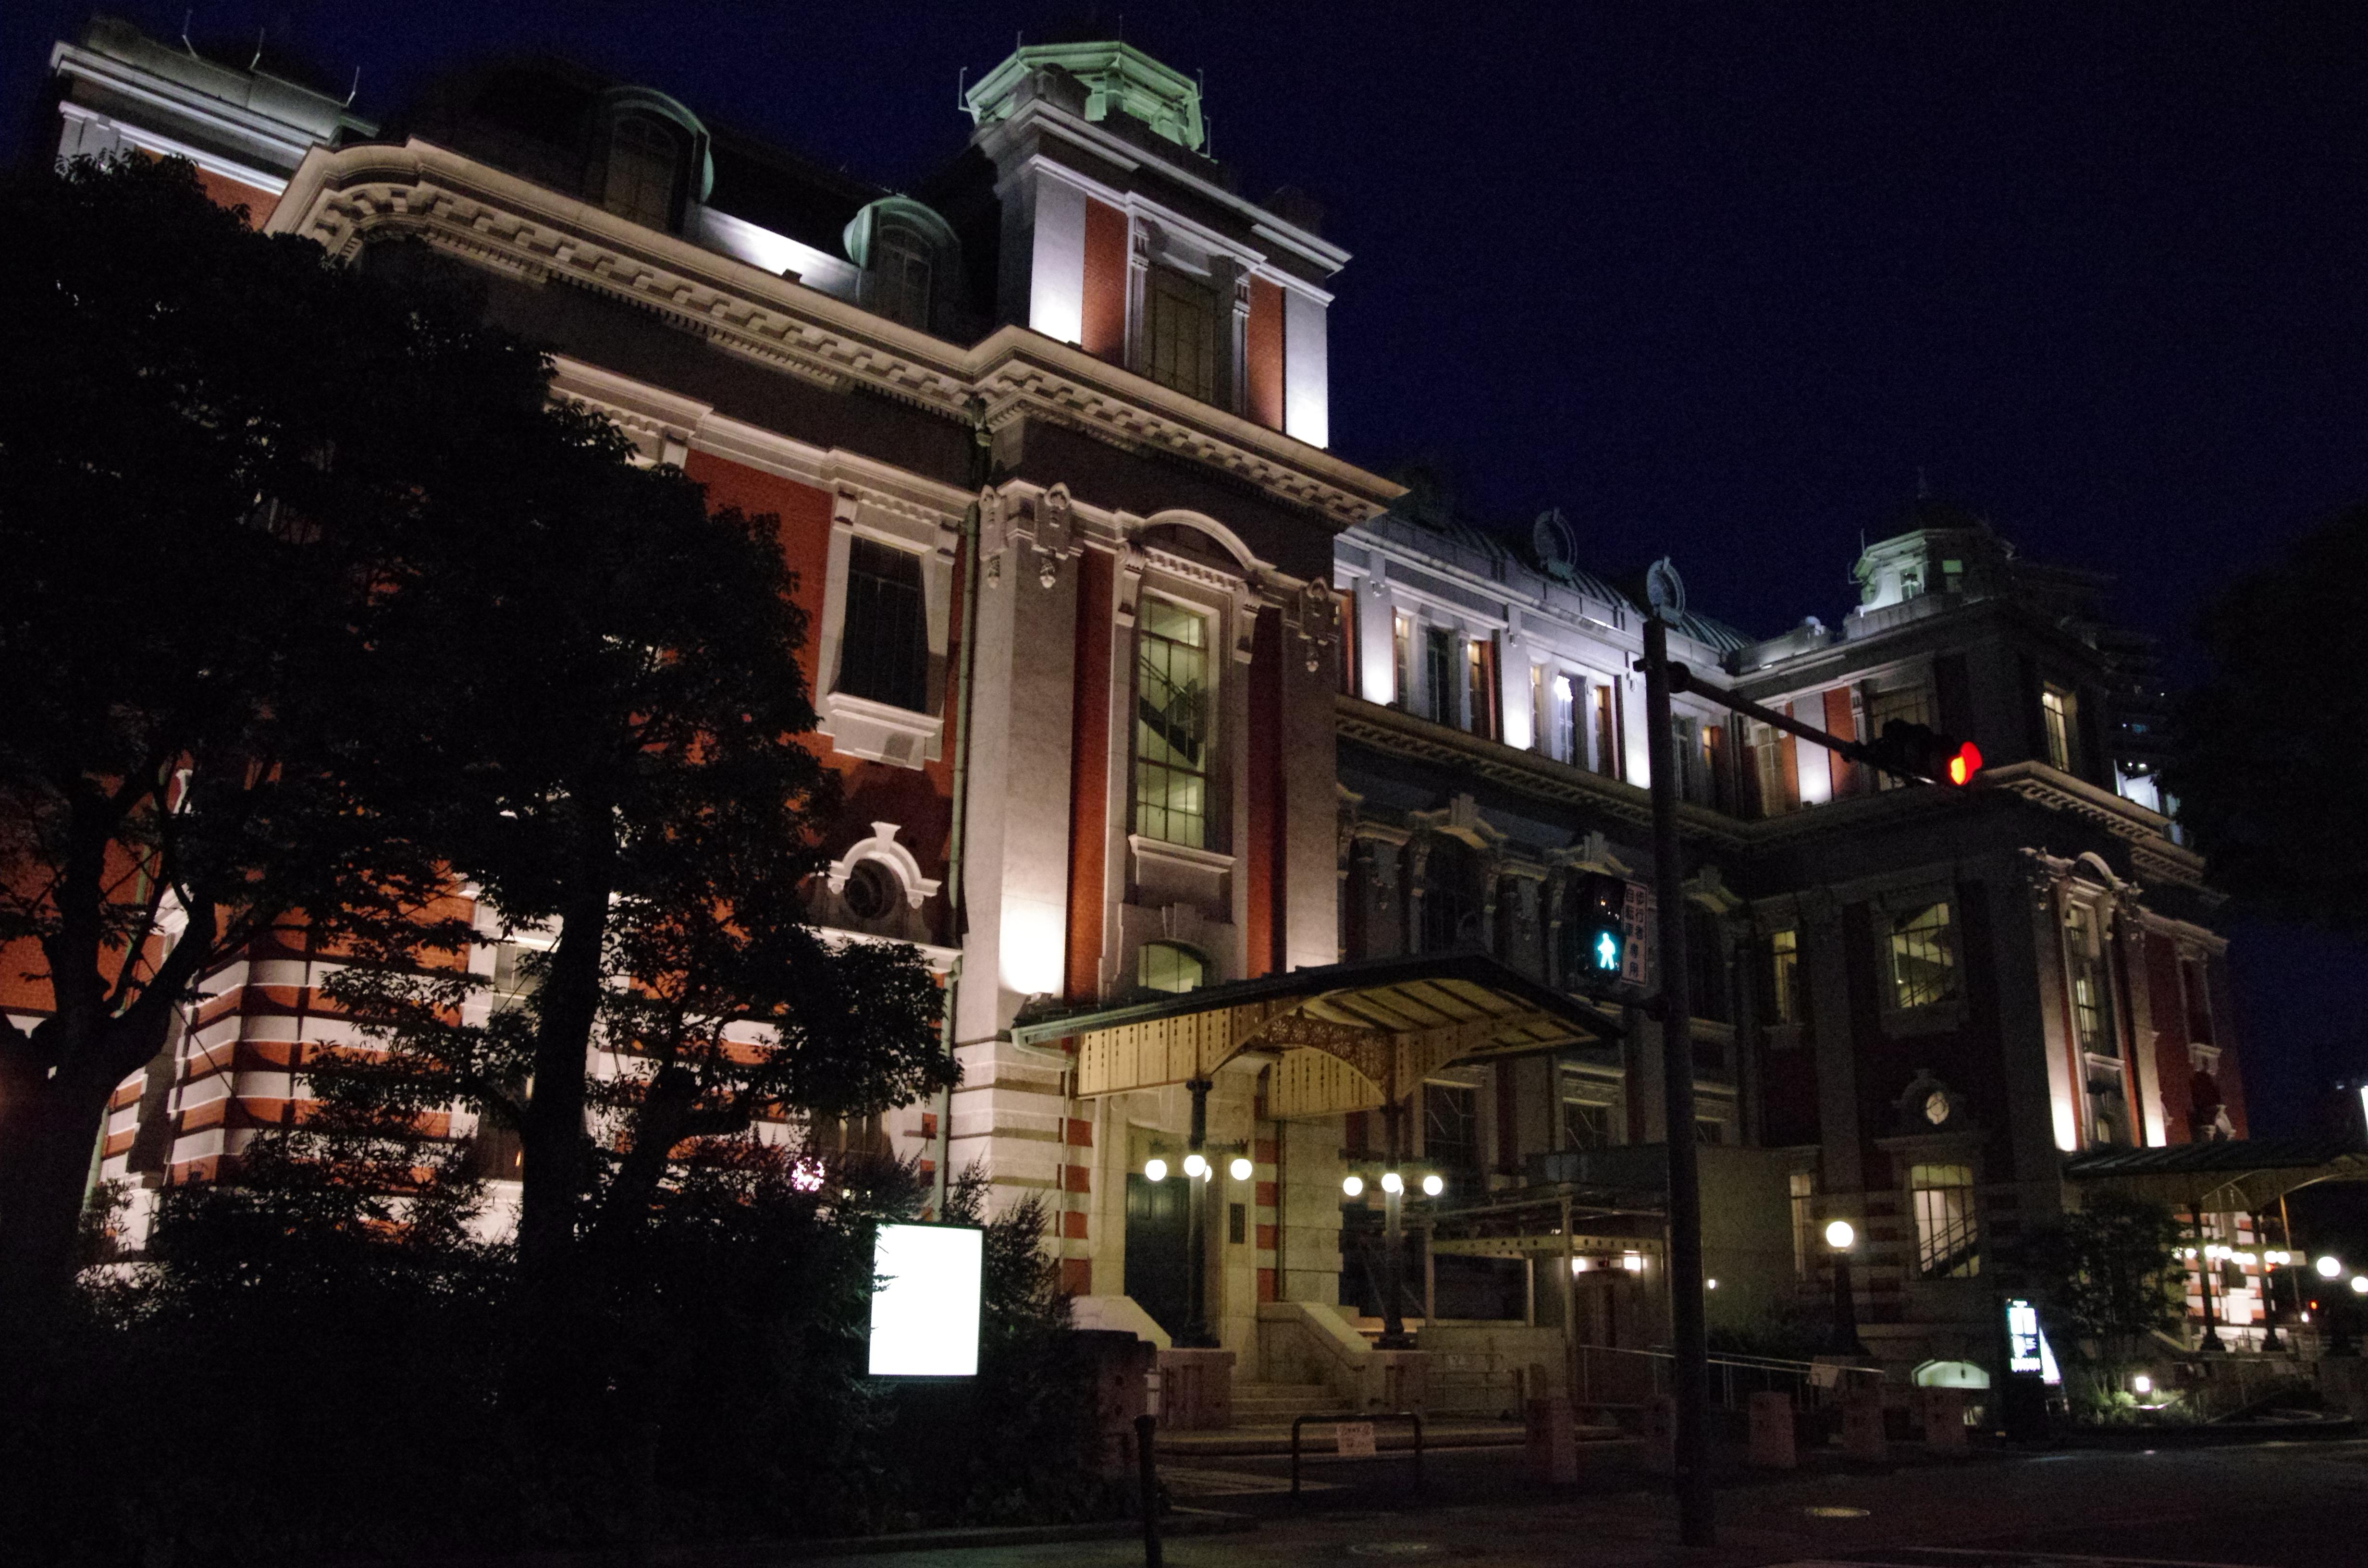 http://www.yaotomi.co.jp/blog/walk/IMGP0597_12800a.JPG